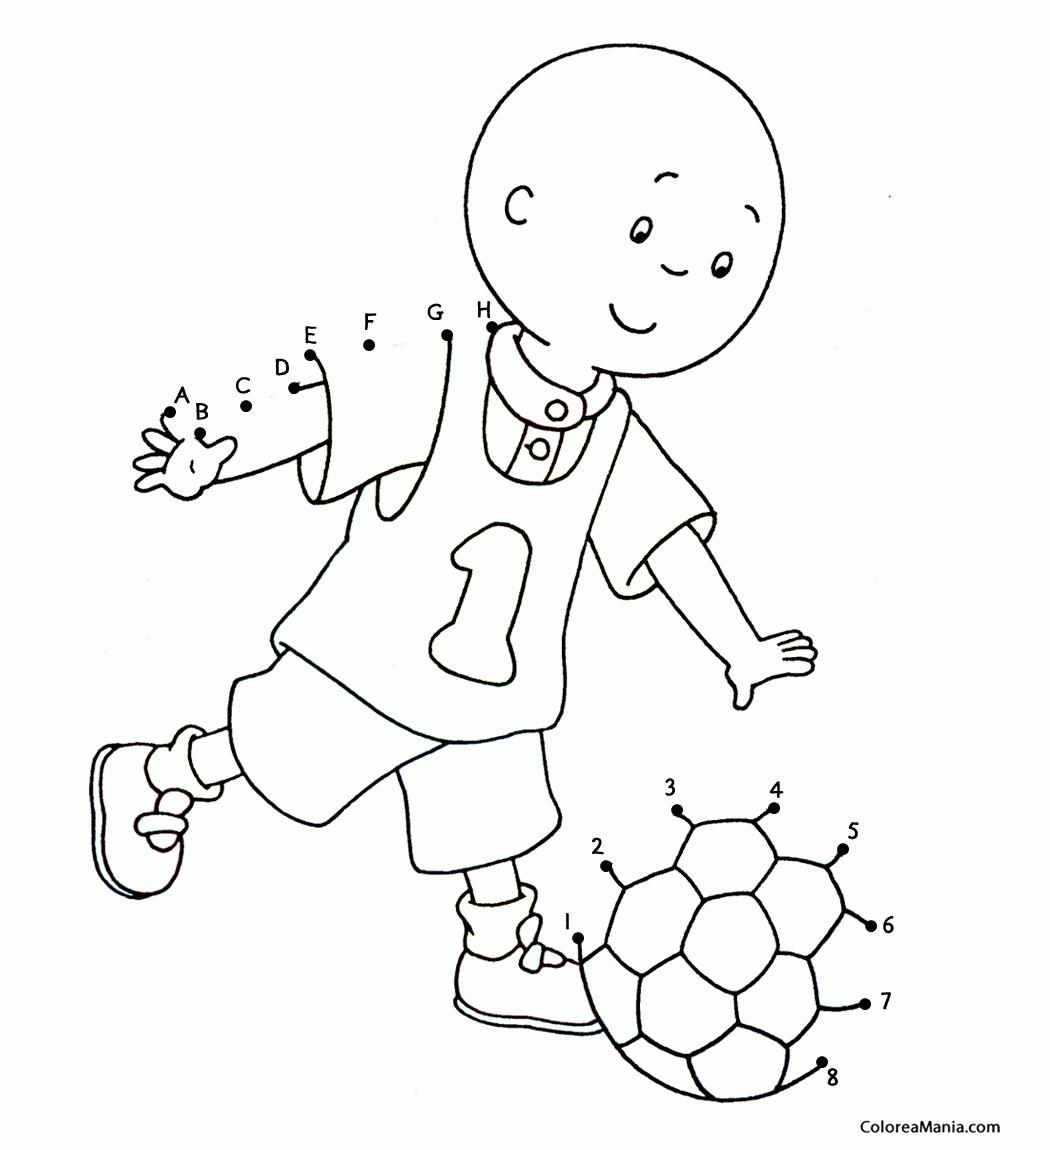 Colorear Caillou jugando a la pelota Cine y TV dibujo para